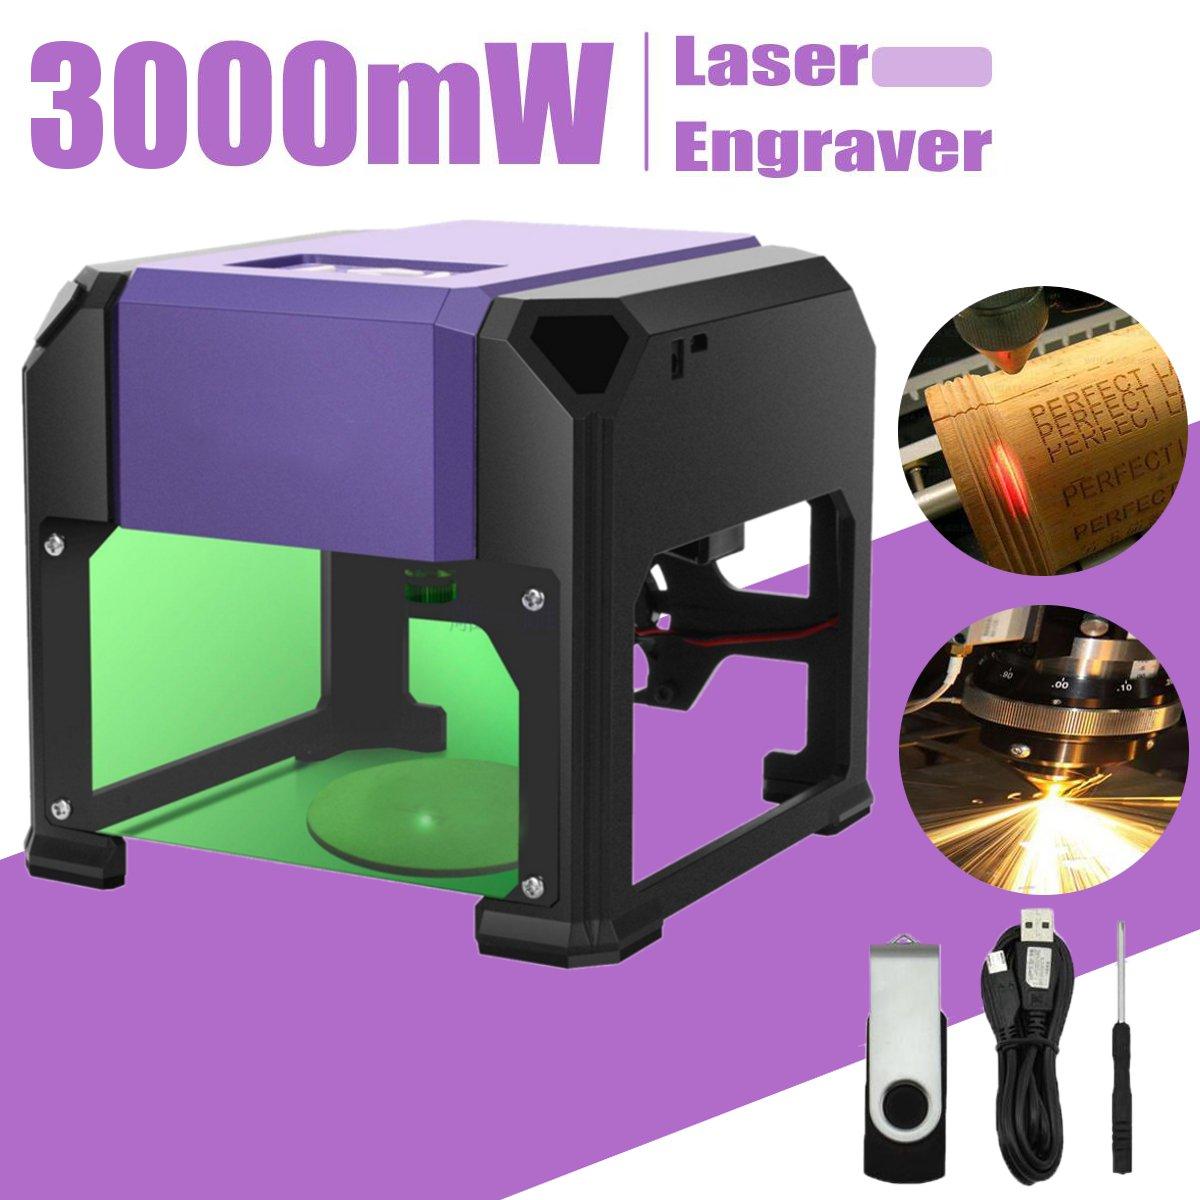 3000 mw USB De Bureau Laser Graveur Machine 80x80mm Gamme De Gravure BRICOLAGE Logo Marque Imprimante Cutter CNC Laser sculpture Machine